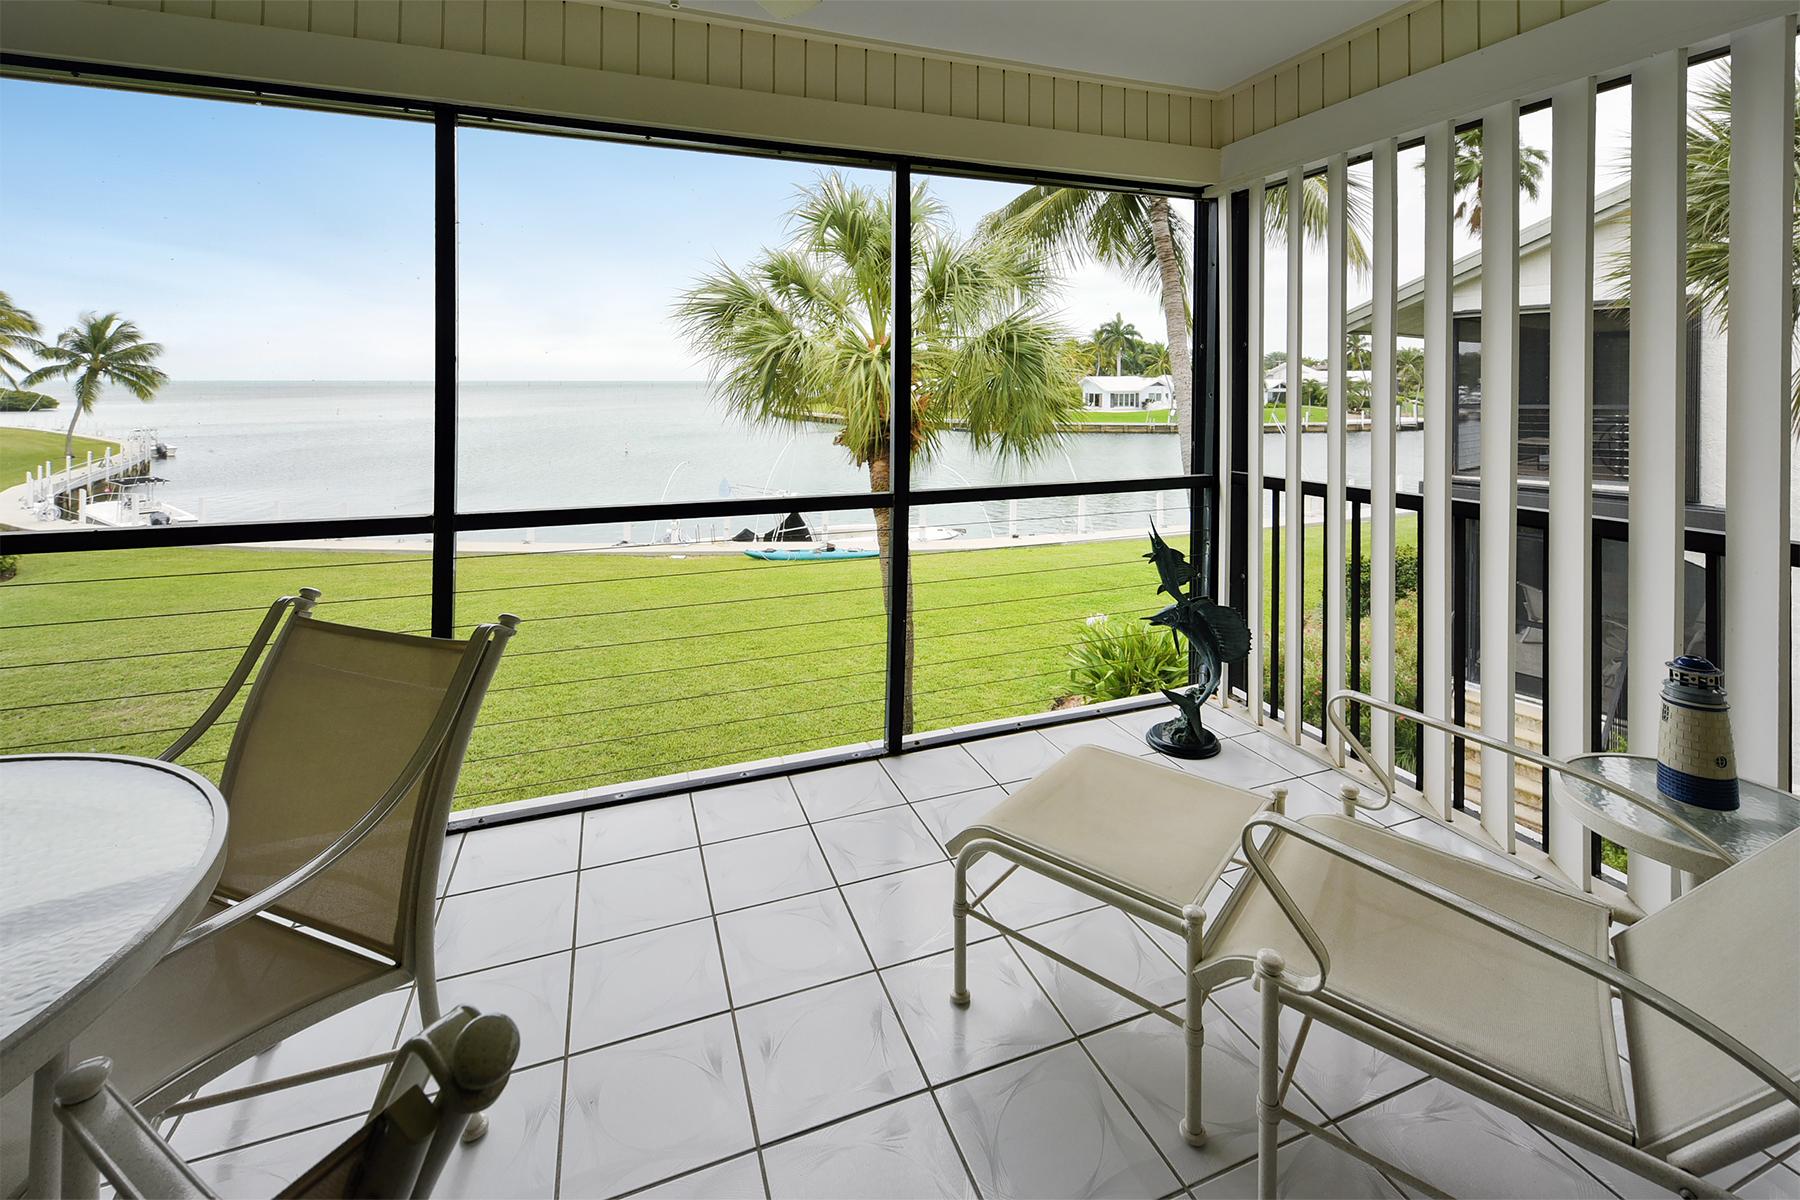 Condominium for Sale at Ocean Front Condominium Living at Ocean Reef 79 Snapper Lane, Unit B Ocean Reef Community, Key Largo, Florida, 33037 United States